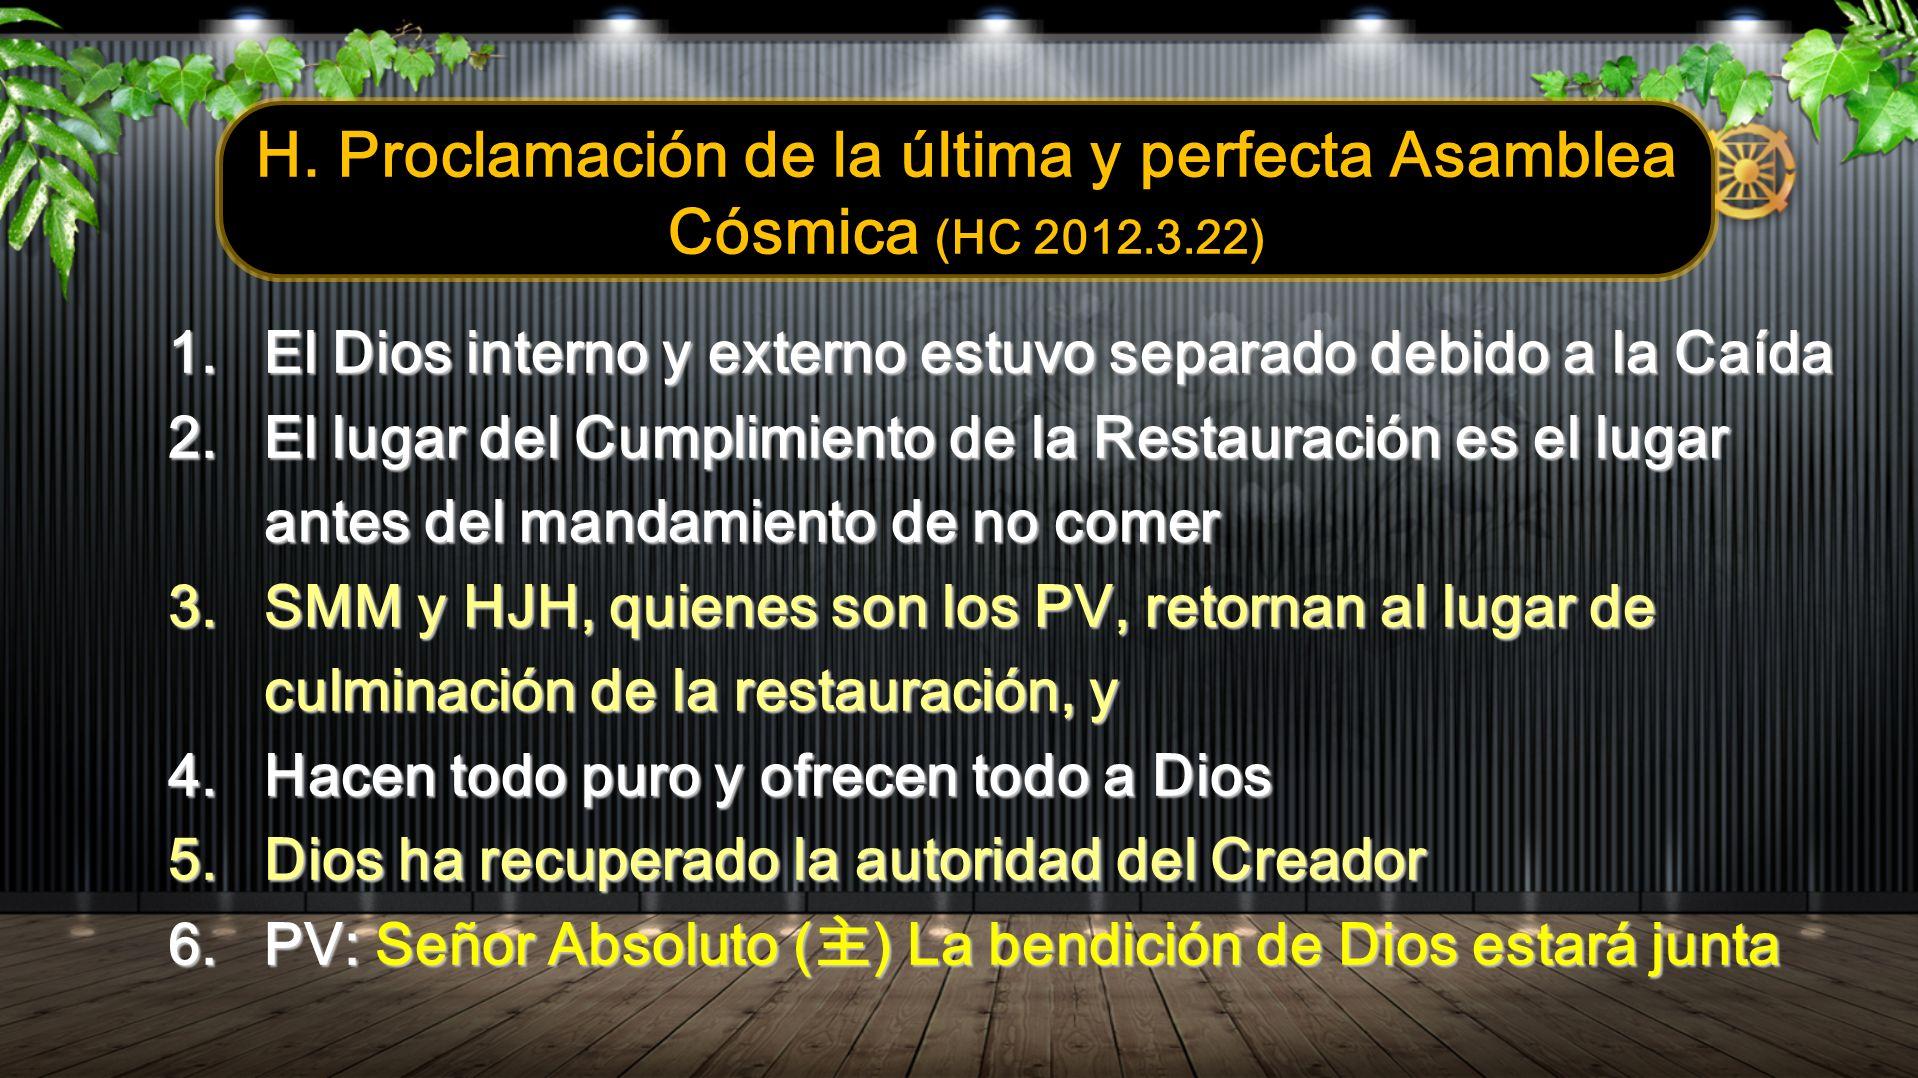 H. Proclamación de la última y perfecta Asamblea Cósmica (HC 2012. 3